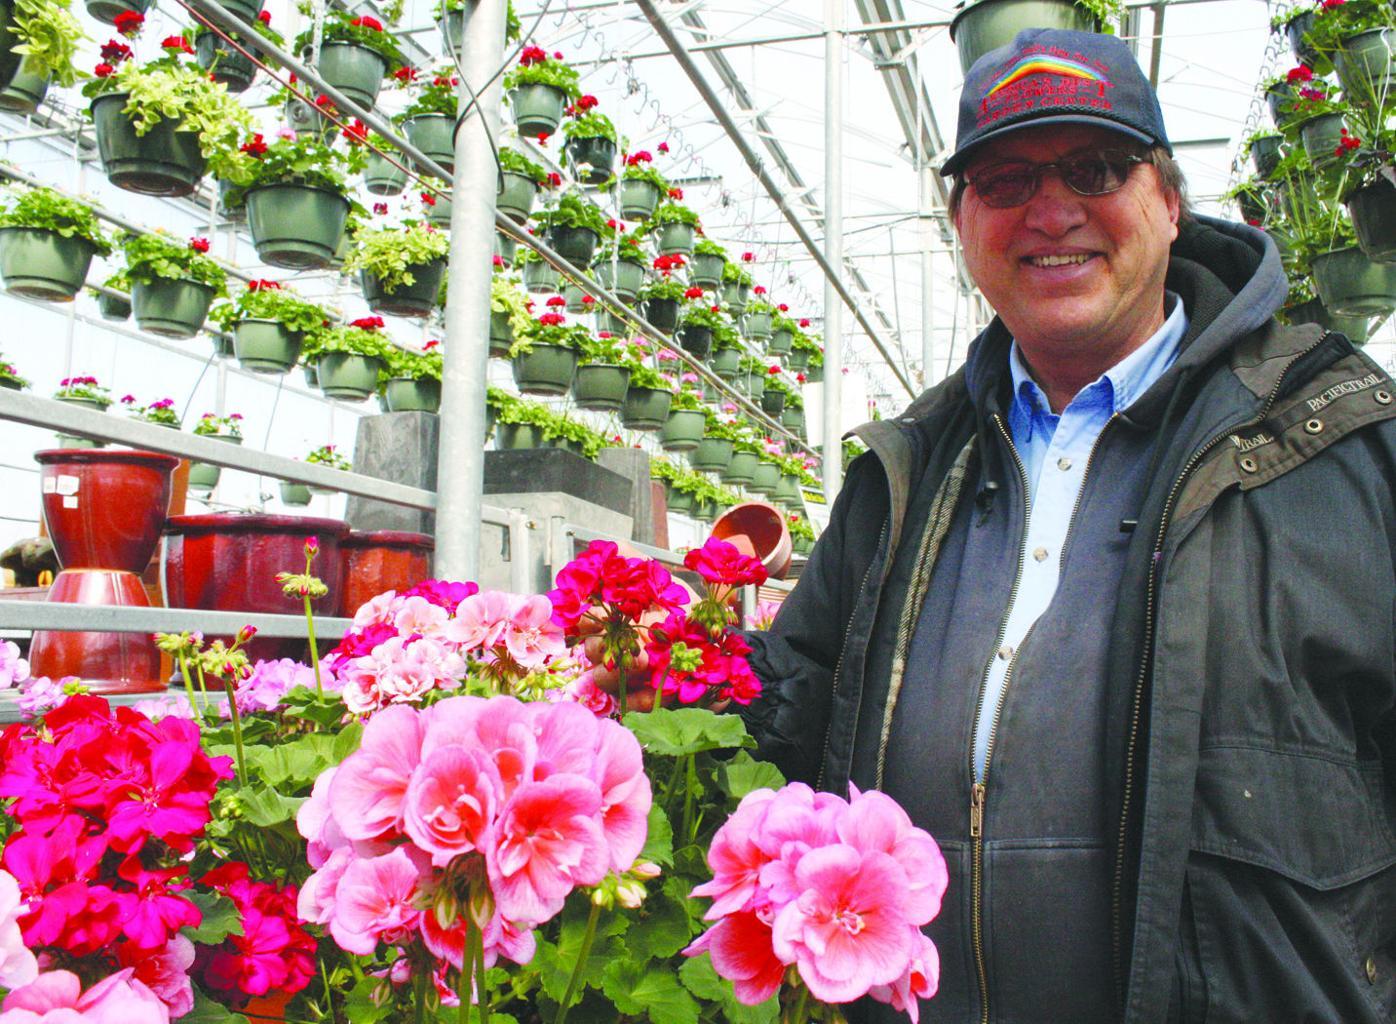 Ed Knapton of America's Best Flowers